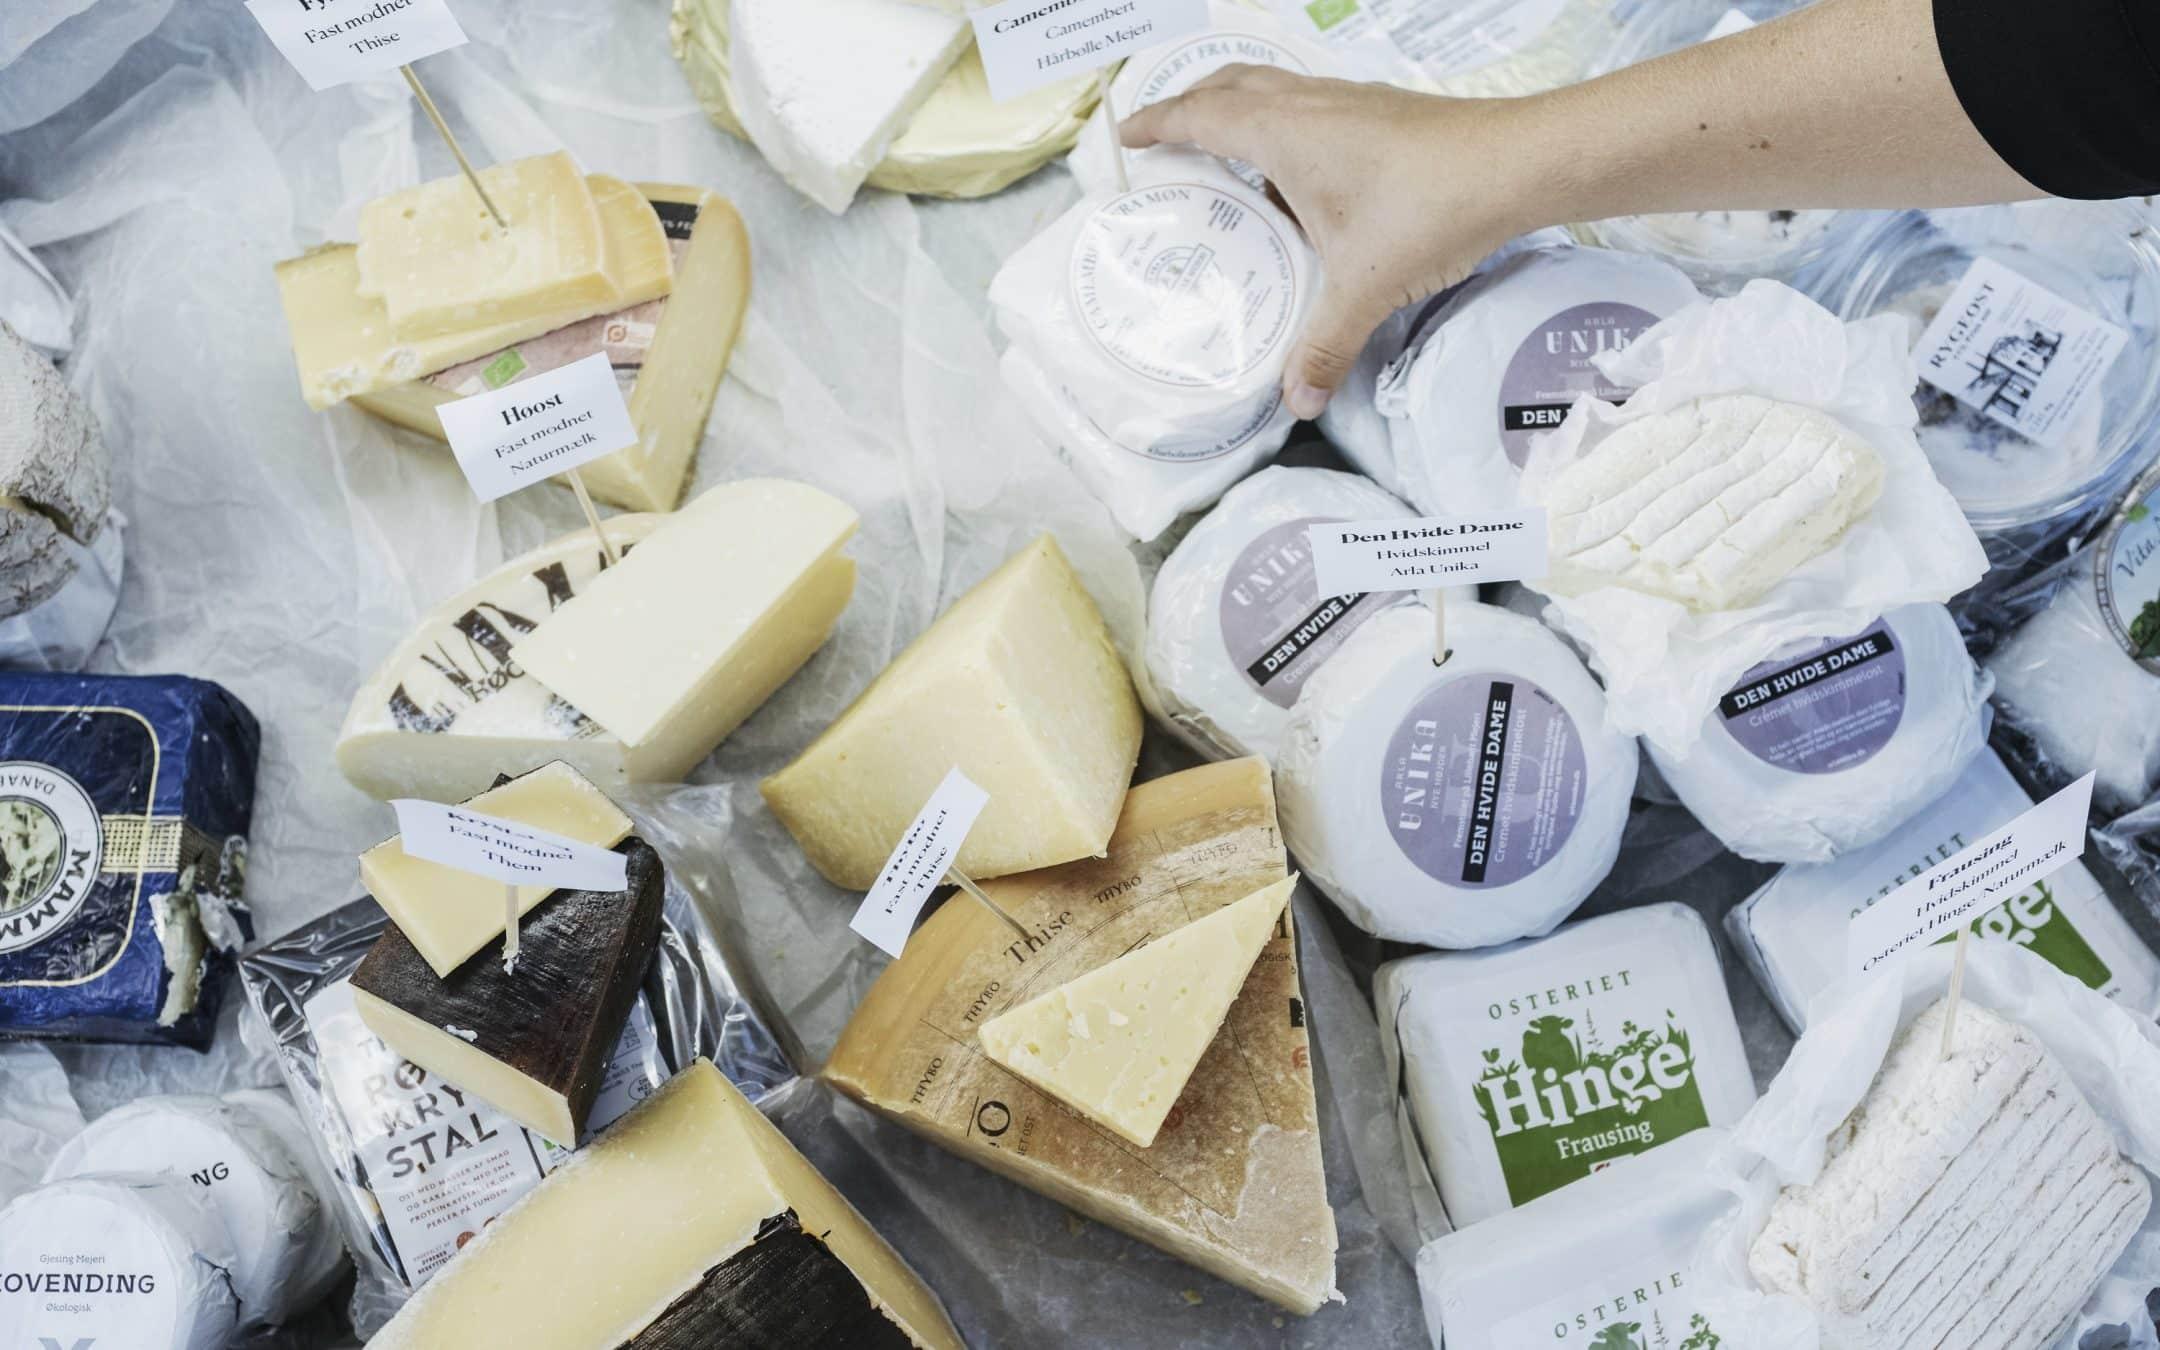 Ostehandlerne anbefaler oste til dit julebord